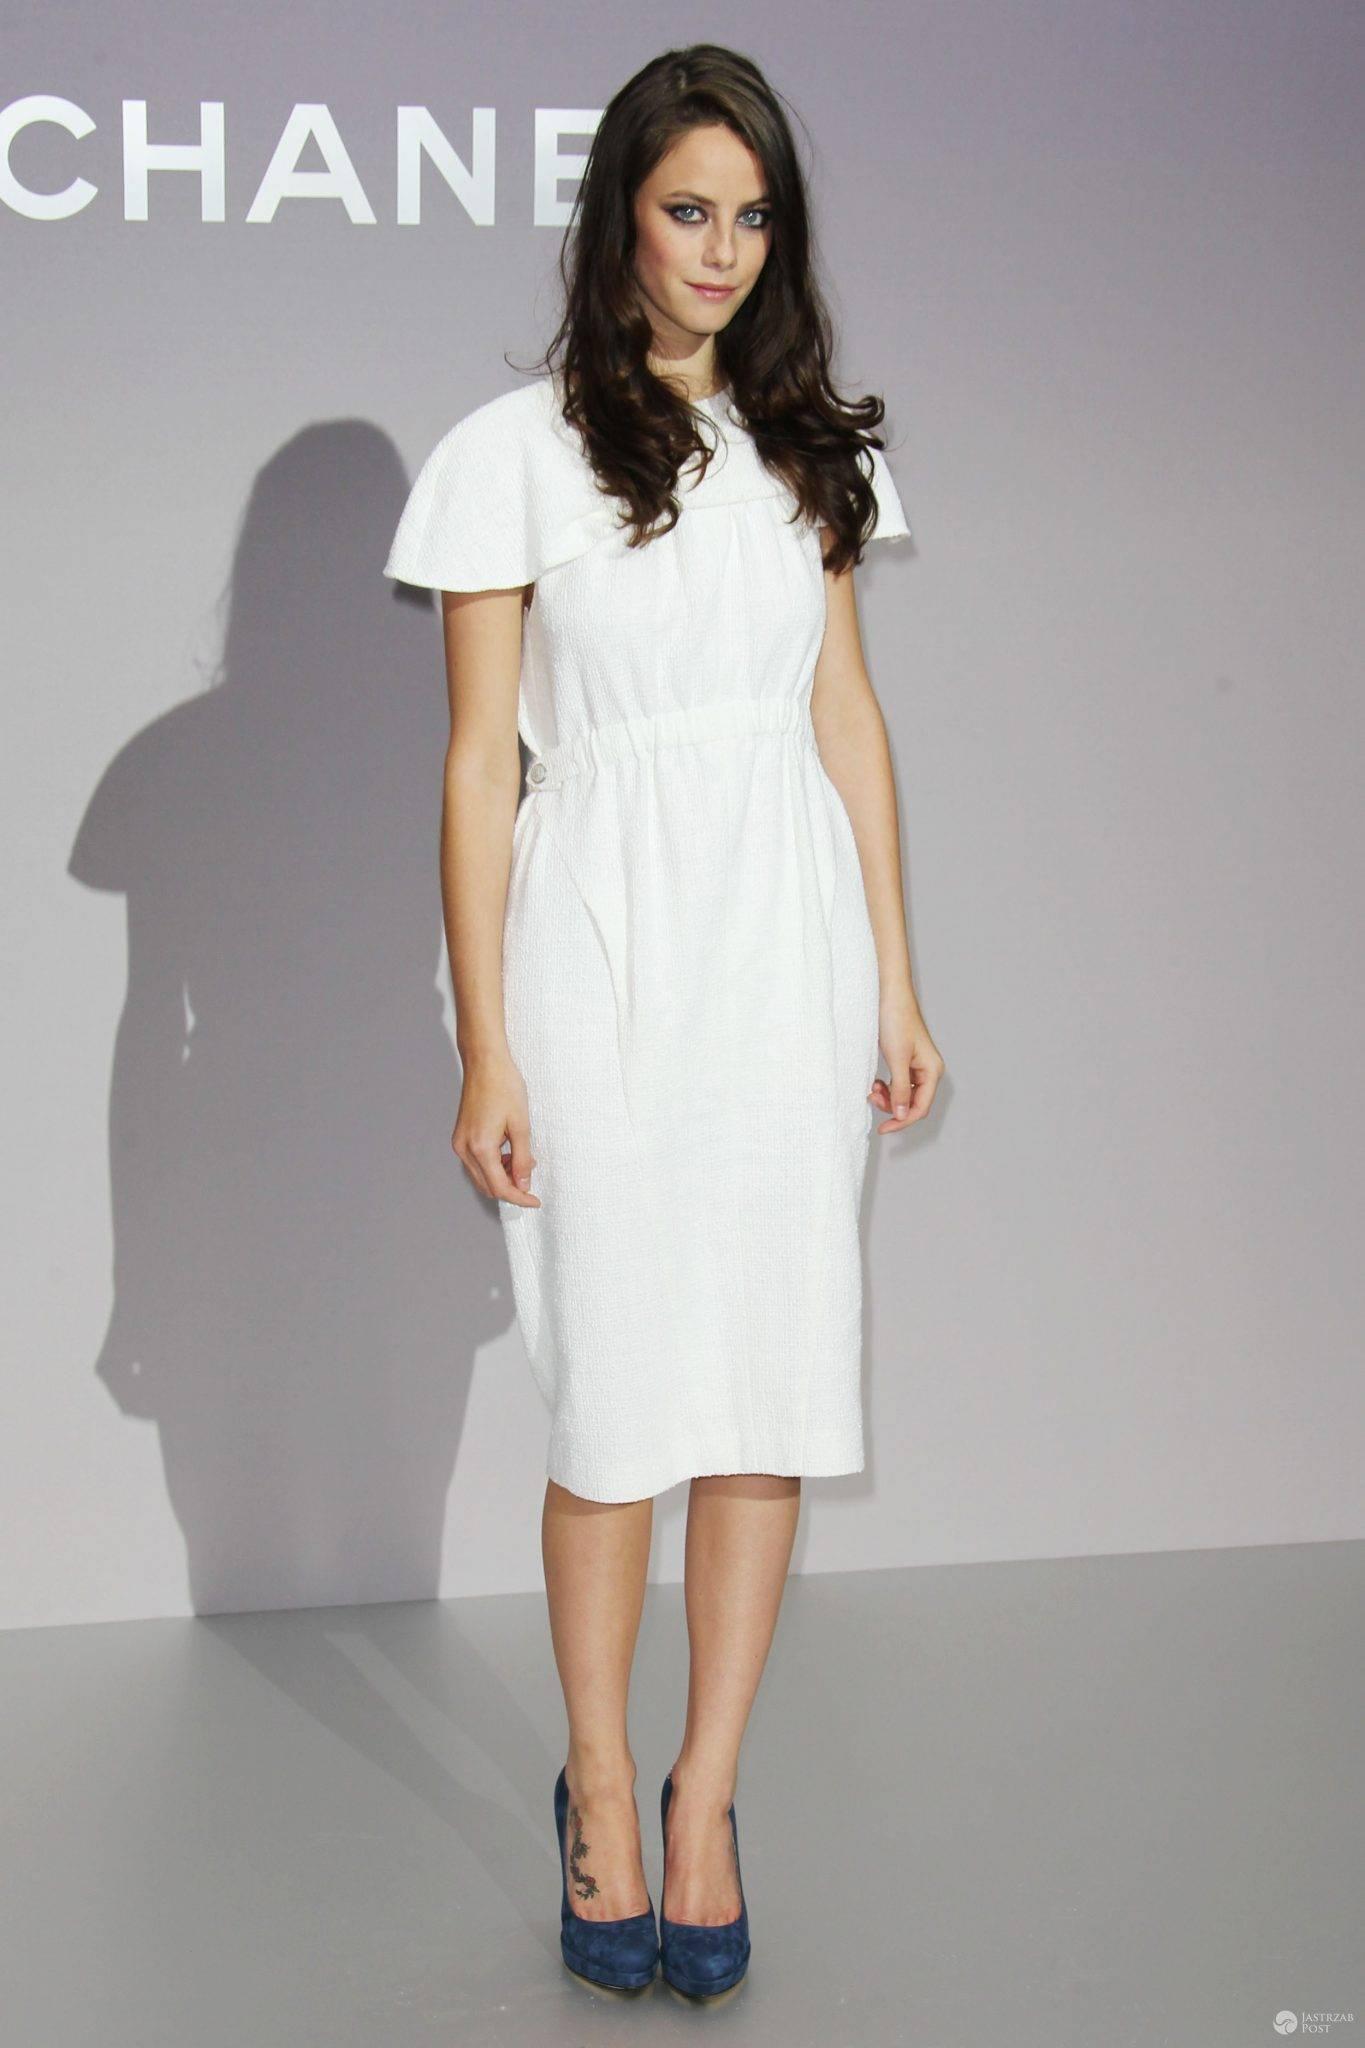 Kaya Scodelario urodziła się 13 marca 1992 roku